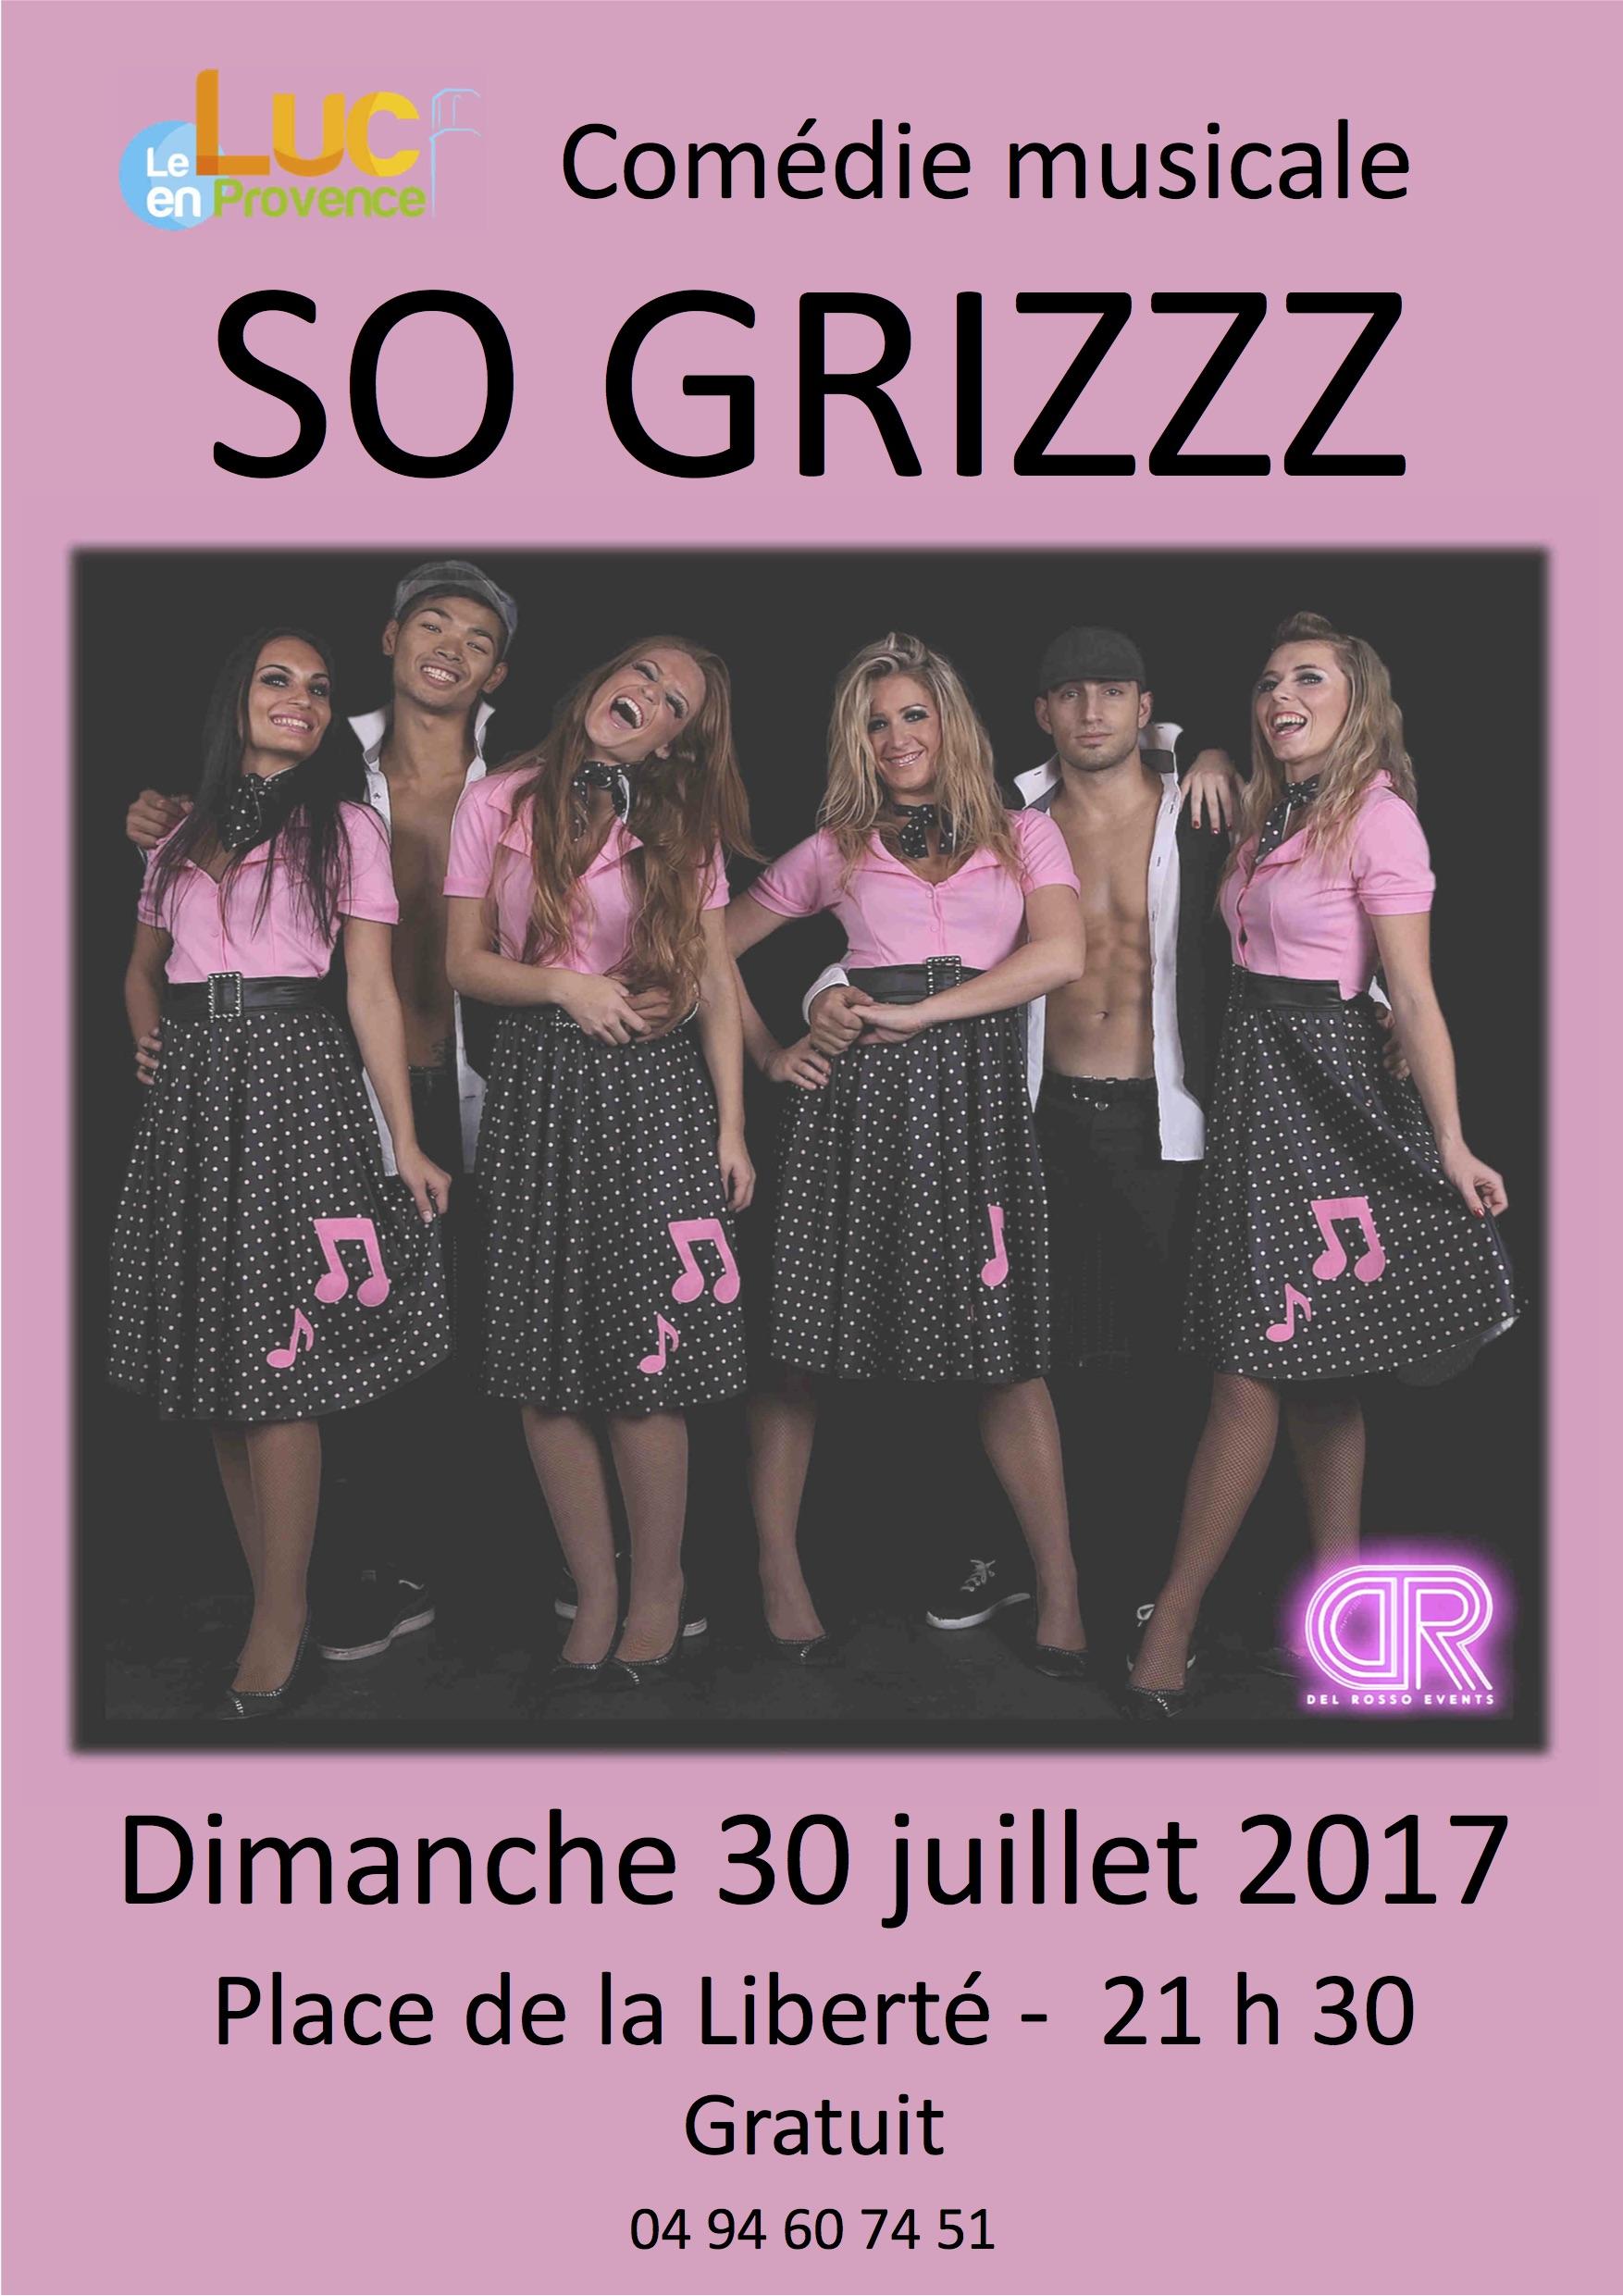 Dimanche 30 juillet, Comédie musicale «So Grizzz»